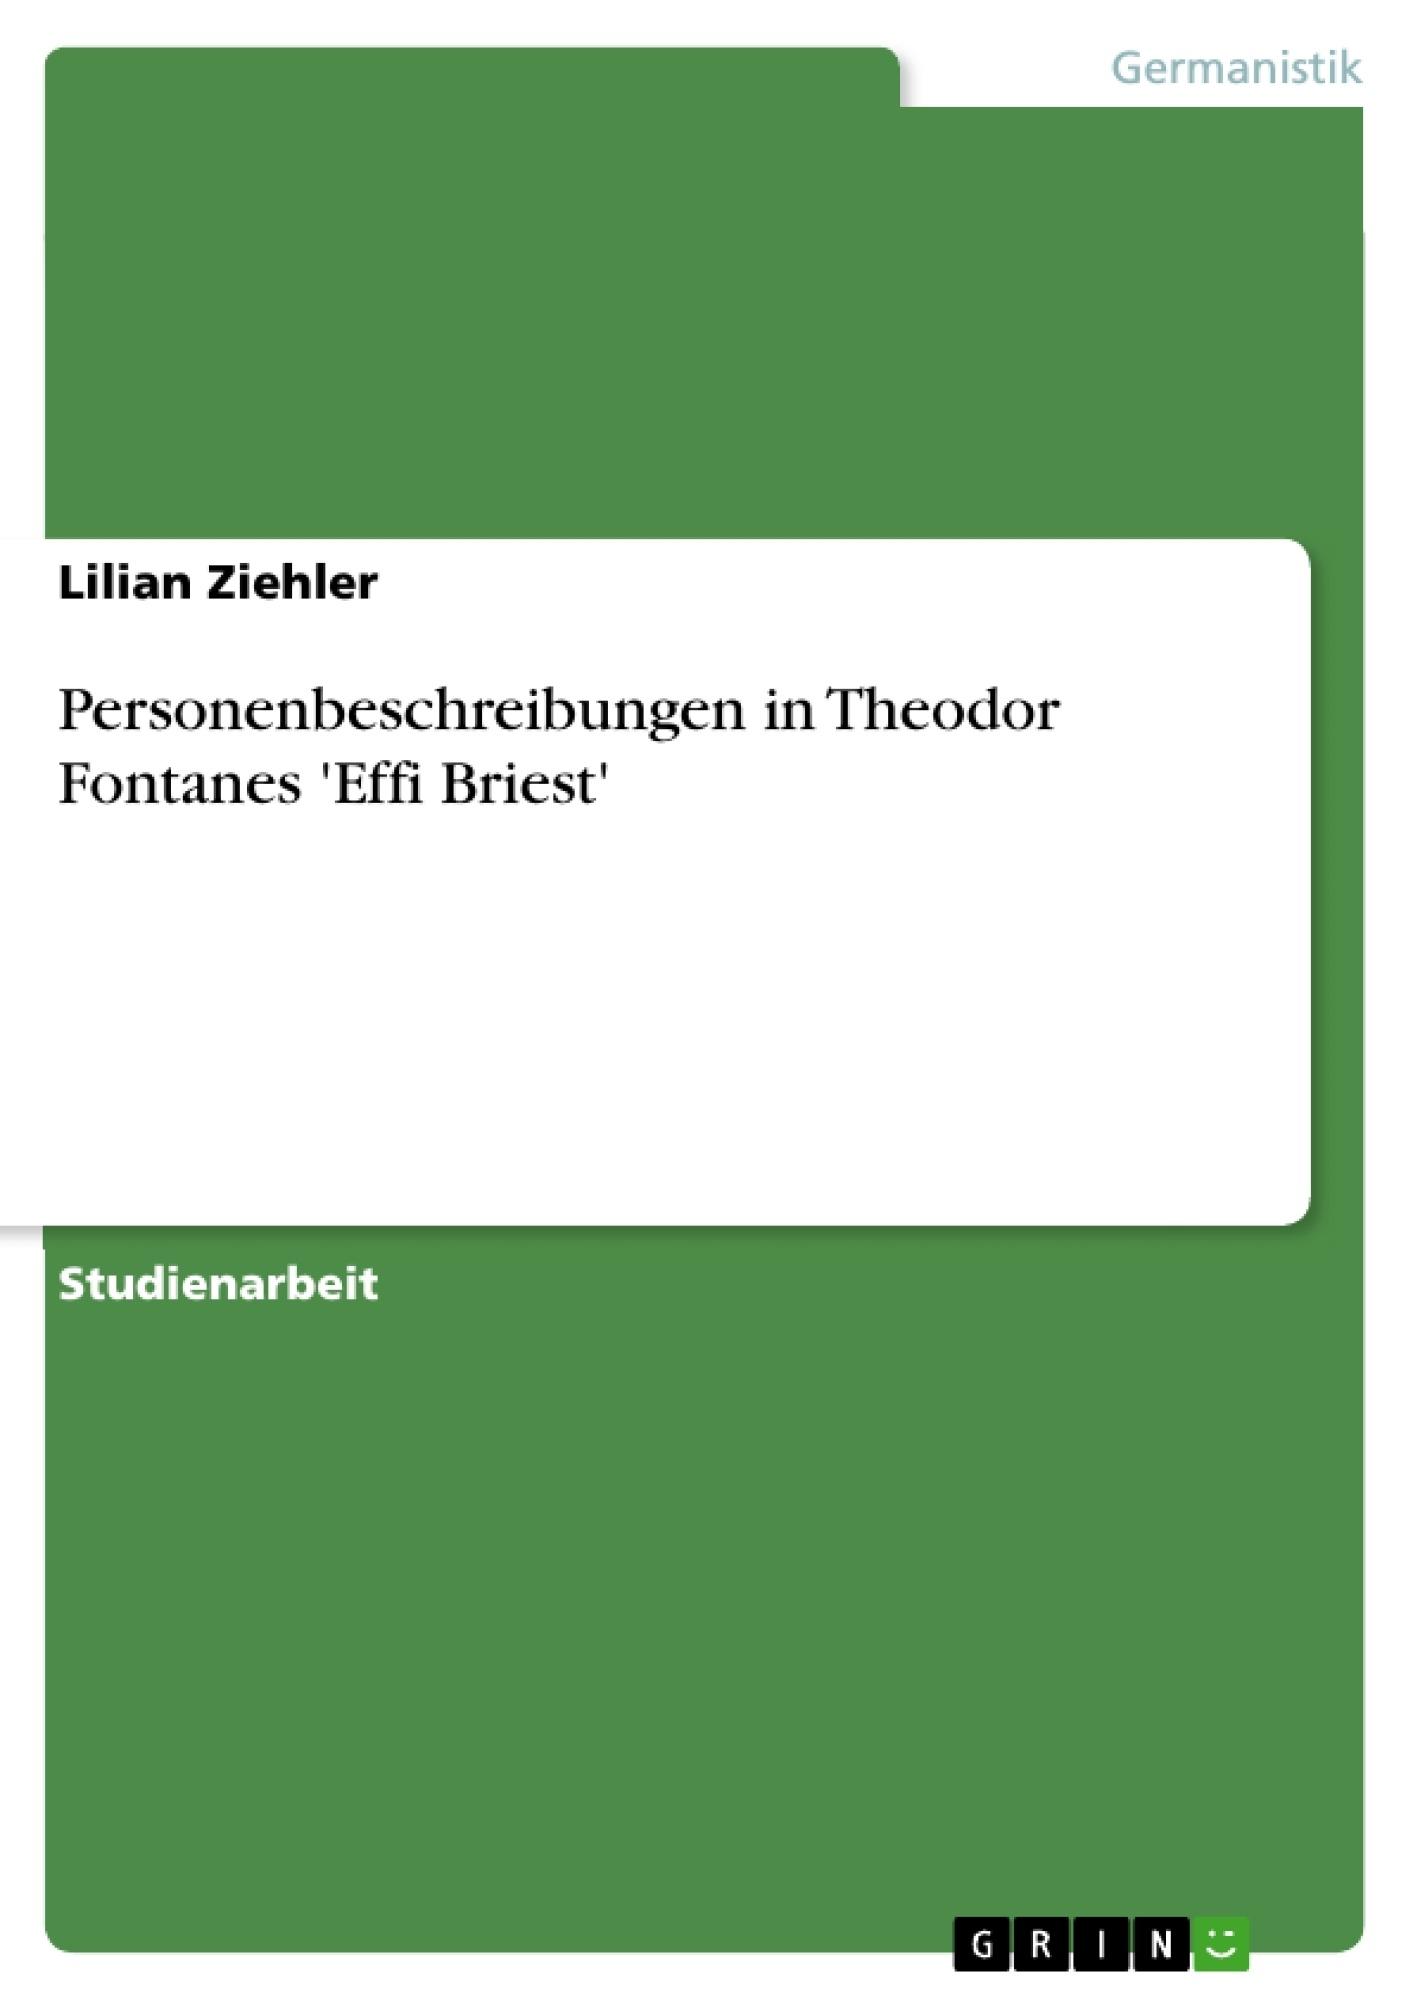 Titel: Personenbeschreibungen in Theodor Fontanes 'Effi Briest'